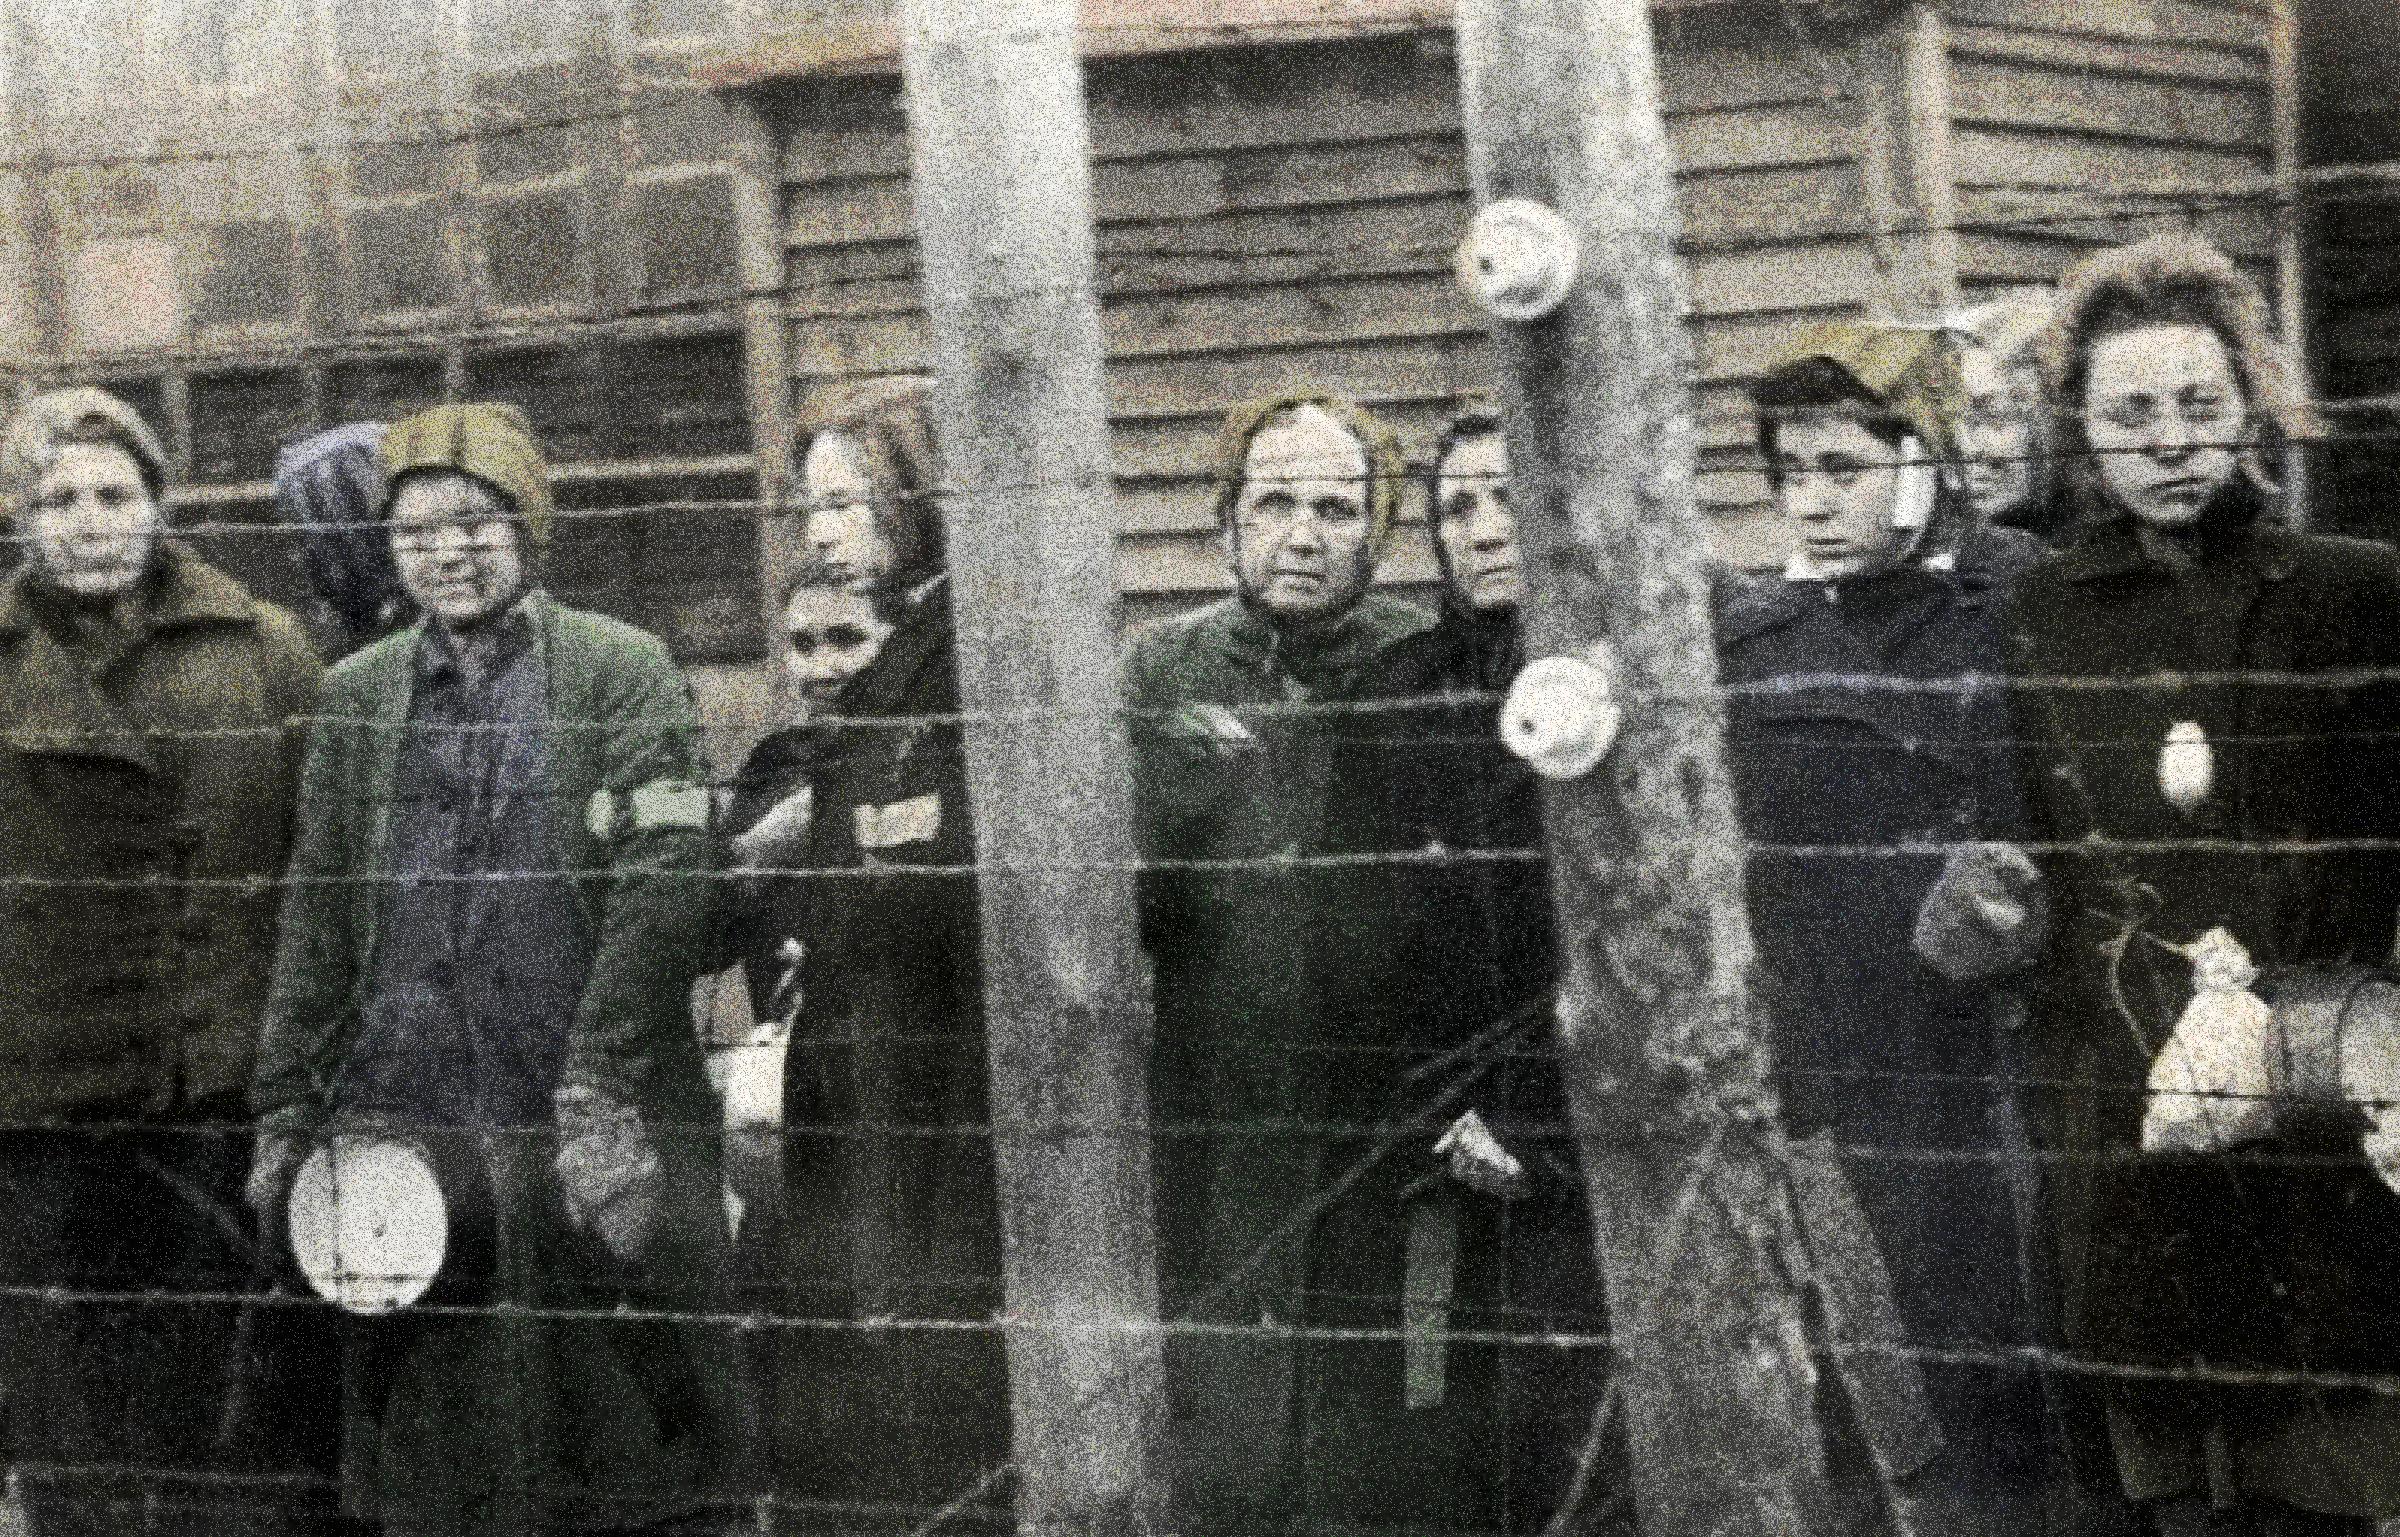 Naked girl in nazi camp